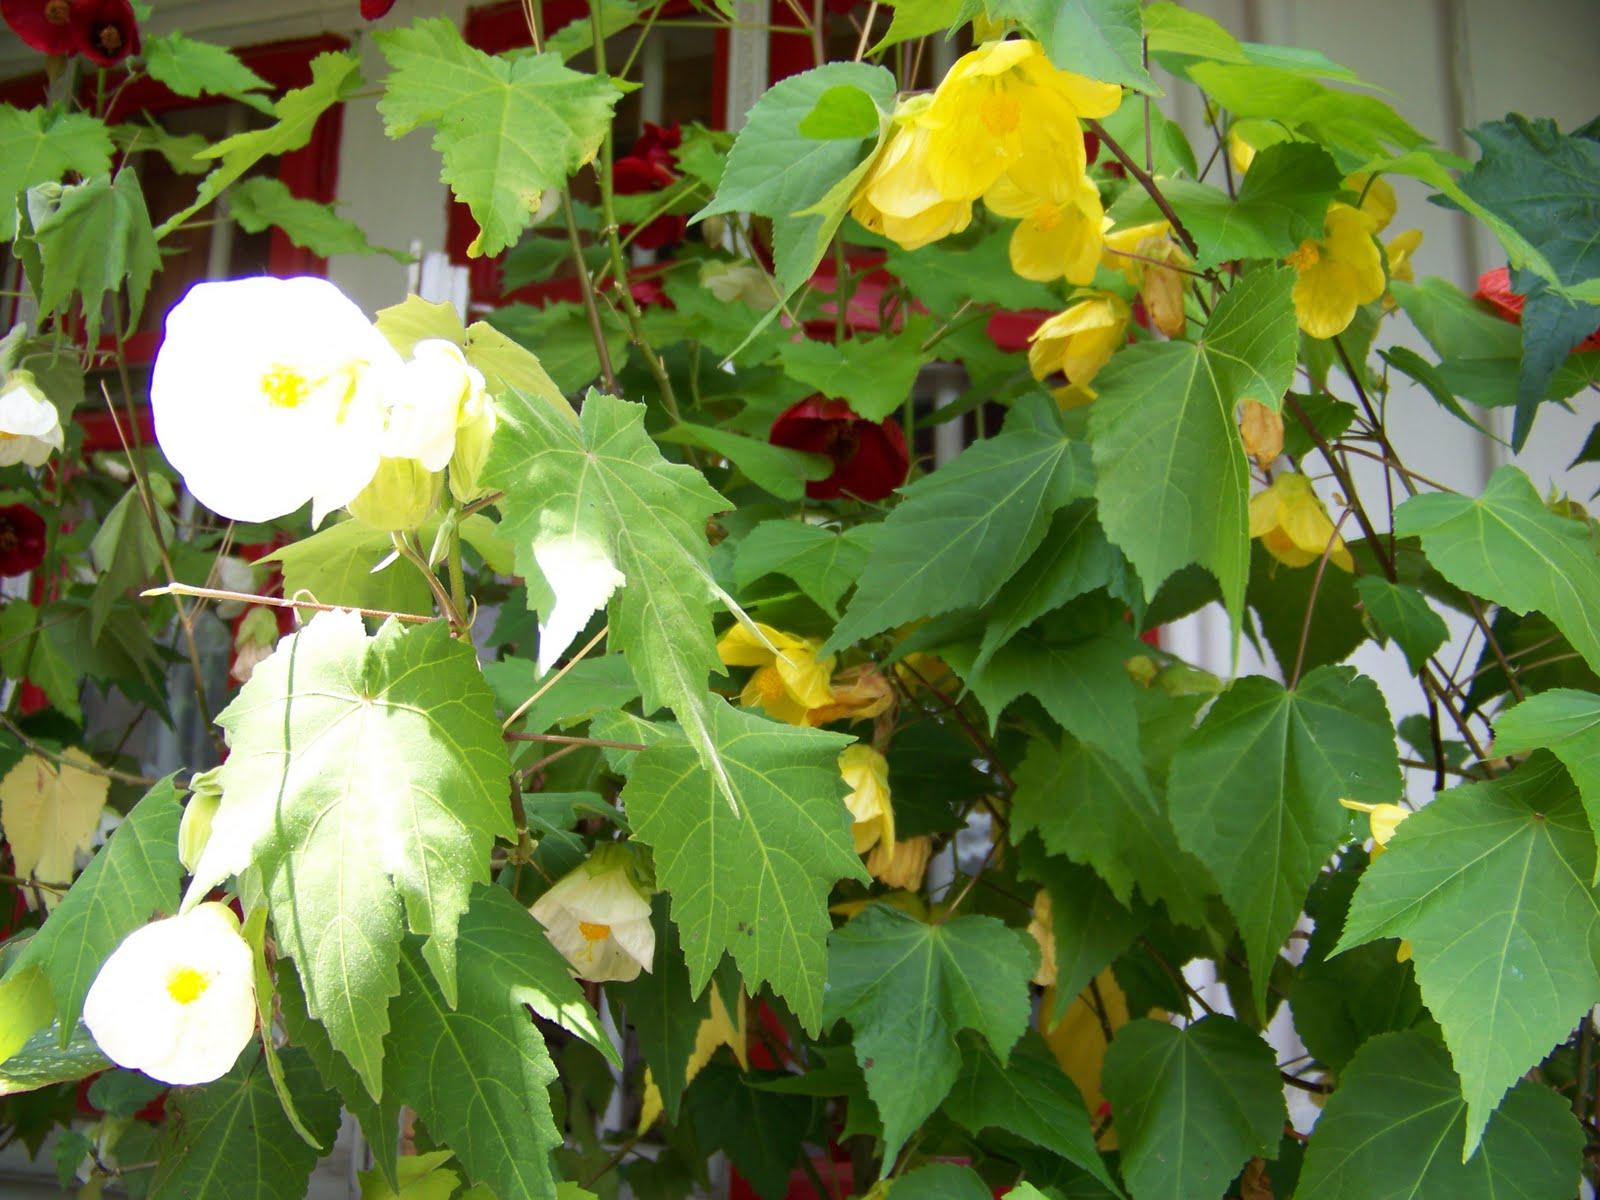 flori de camera best abutilon artar de camera alb si galben with flori de camera trendy. Black Bedroom Furniture Sets. Home Design Ideas